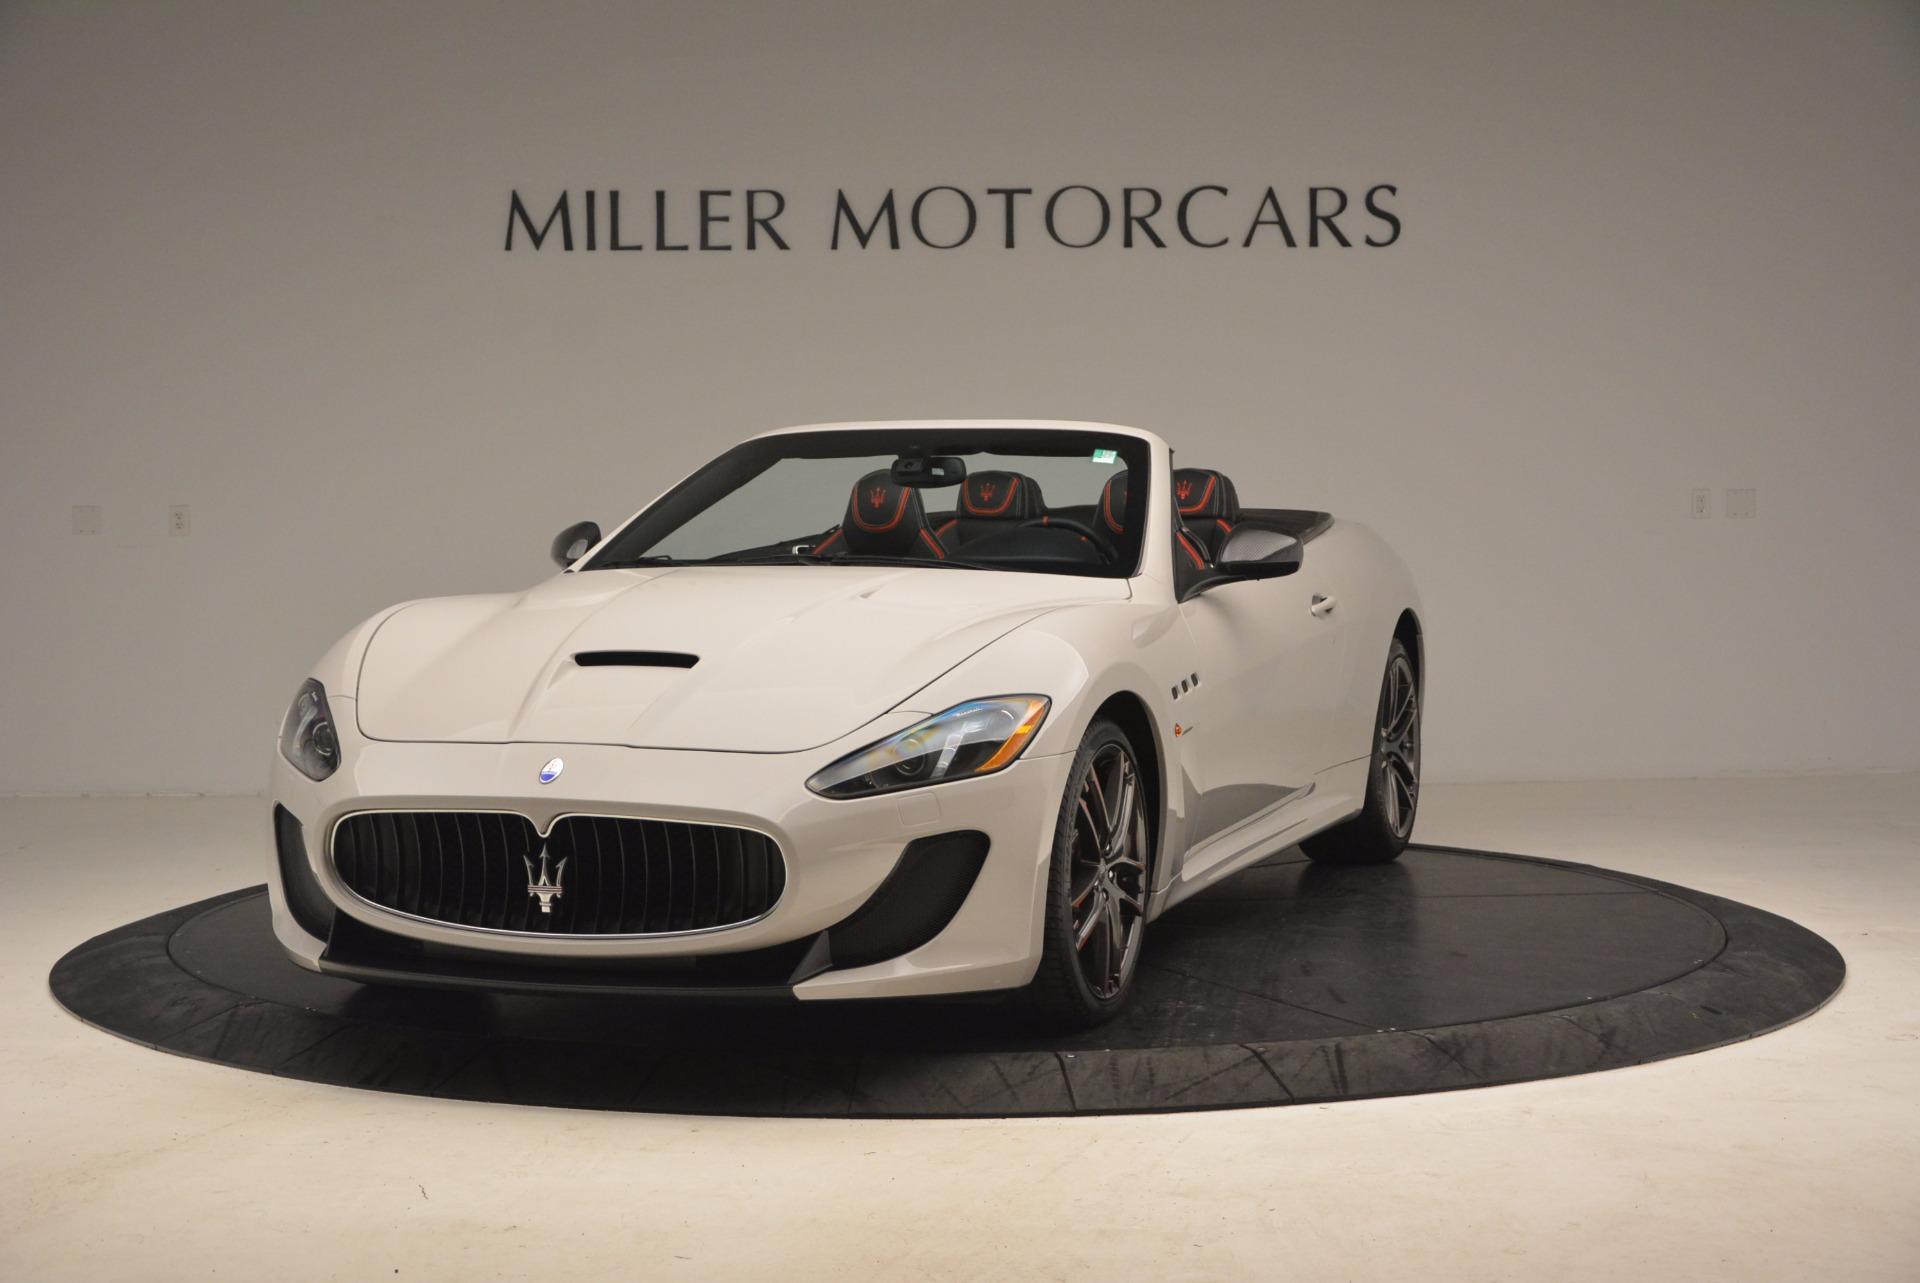 Used 2015 Maserati GranTurismo MC Centennial For Sale In Greenwich, CT. Alfa Romeo of Greenwich, 7187 1107_main